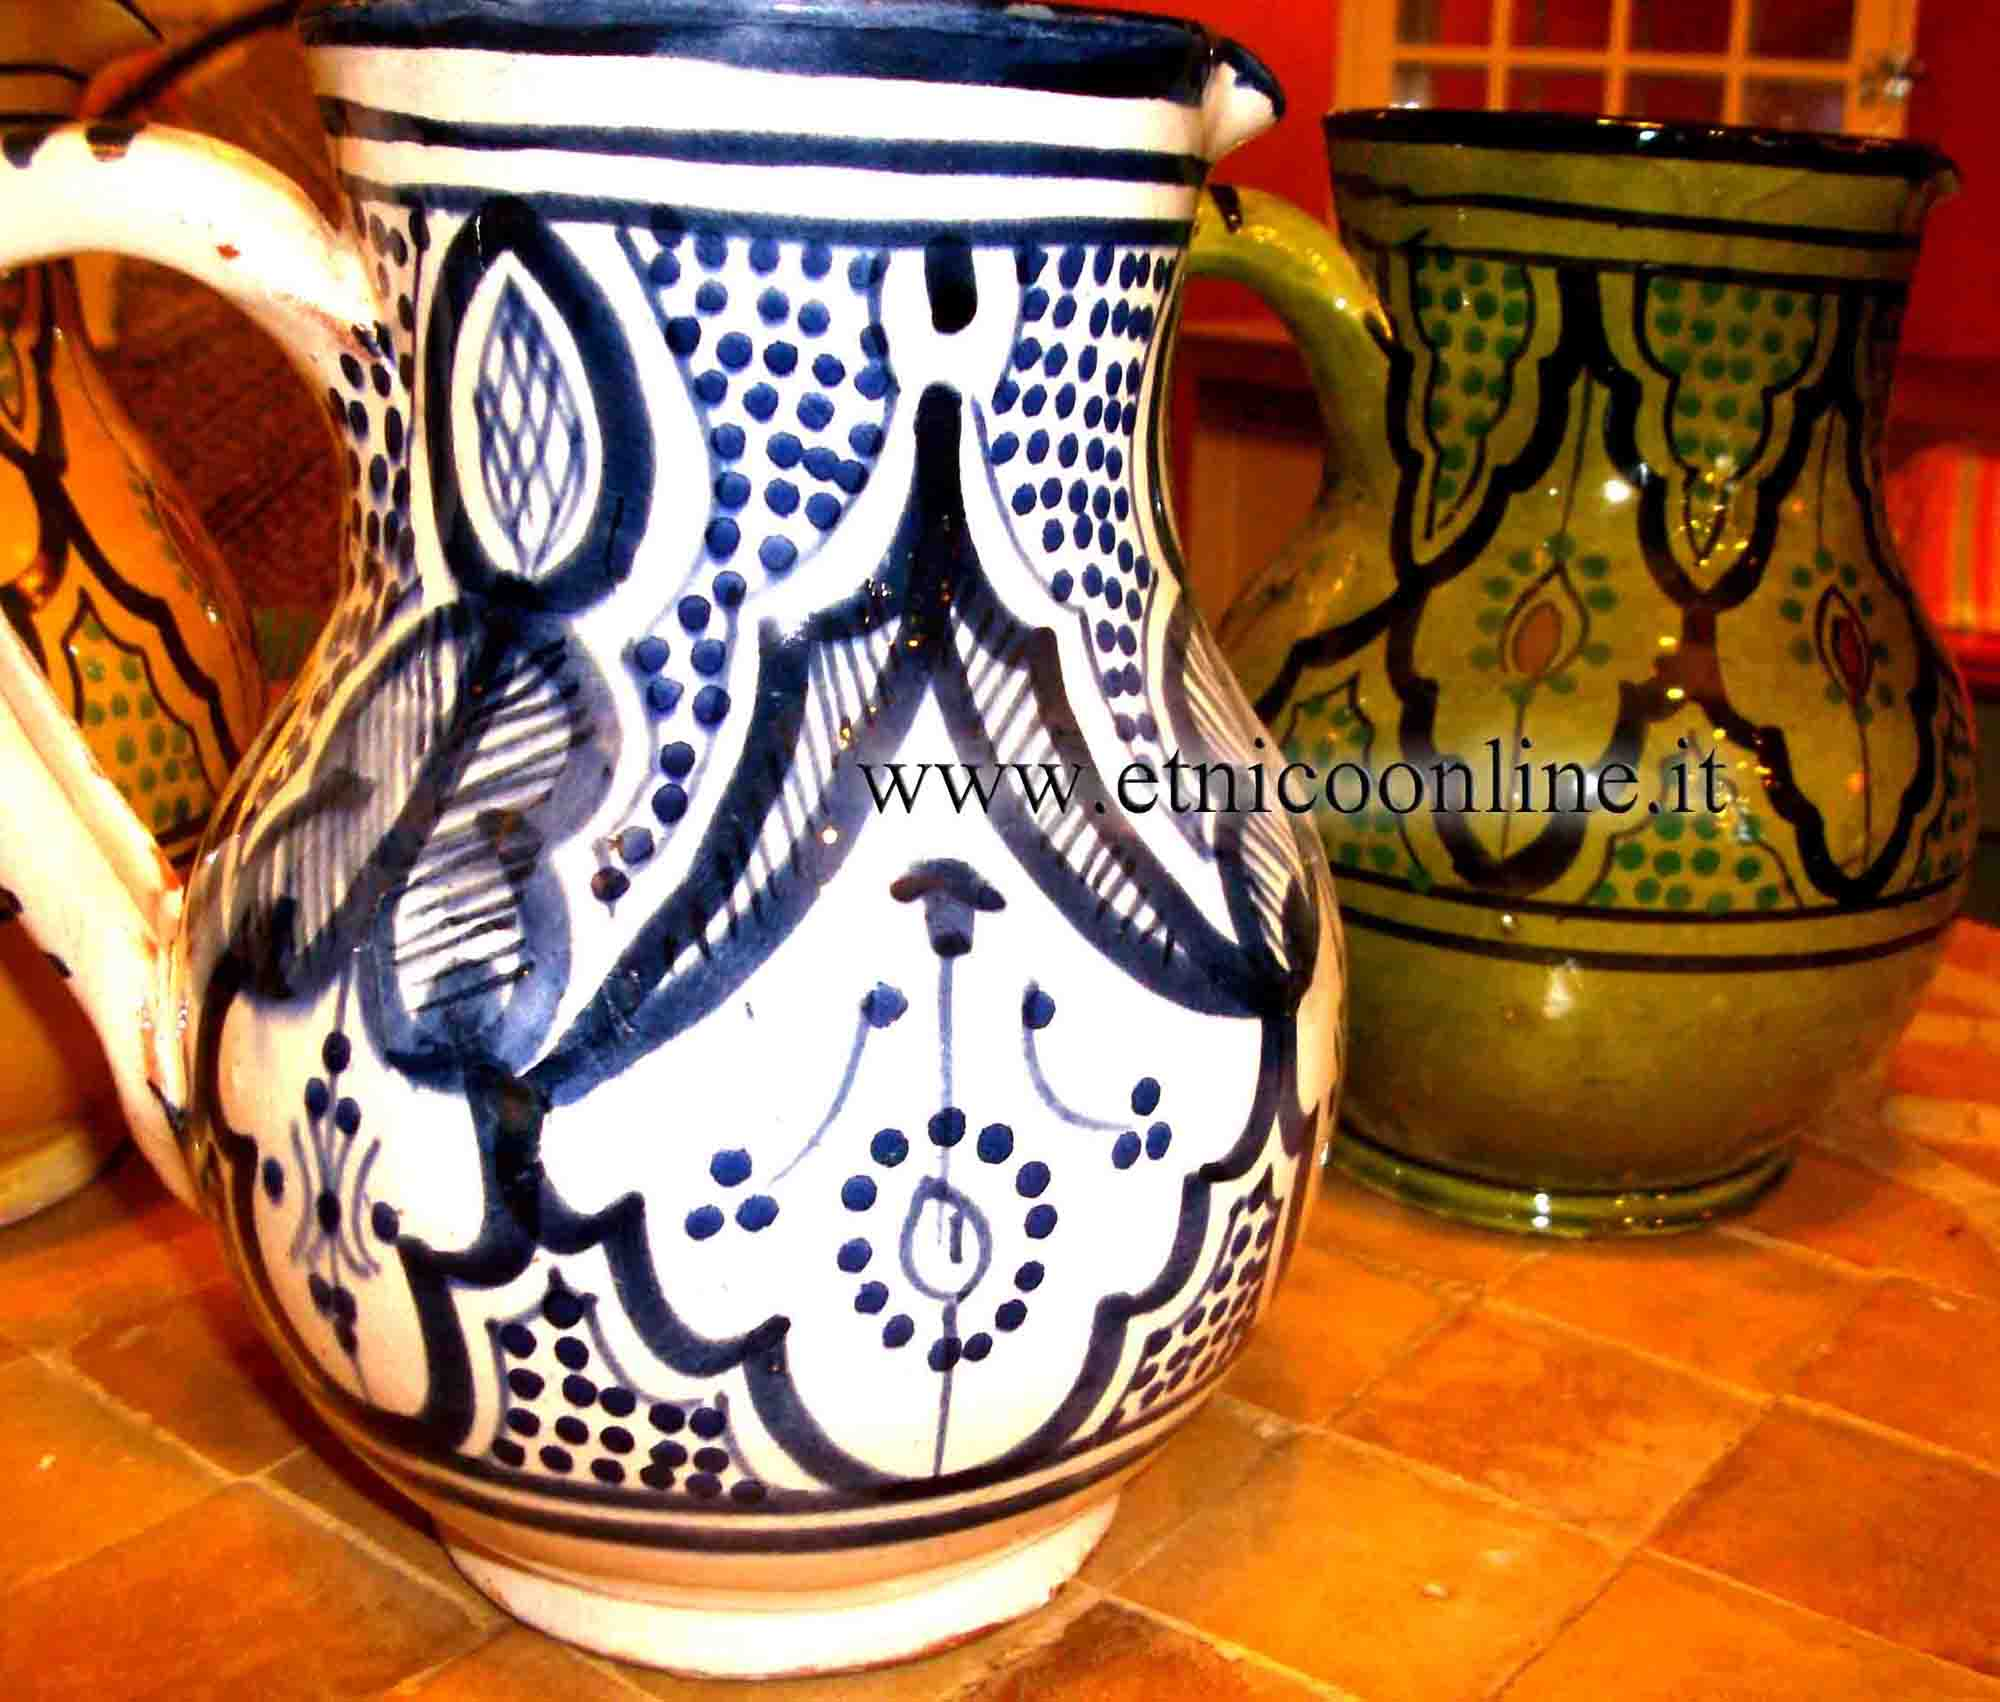 Brocche marocchine oggettistica accessori da cucina di for Oggettistica cucina online